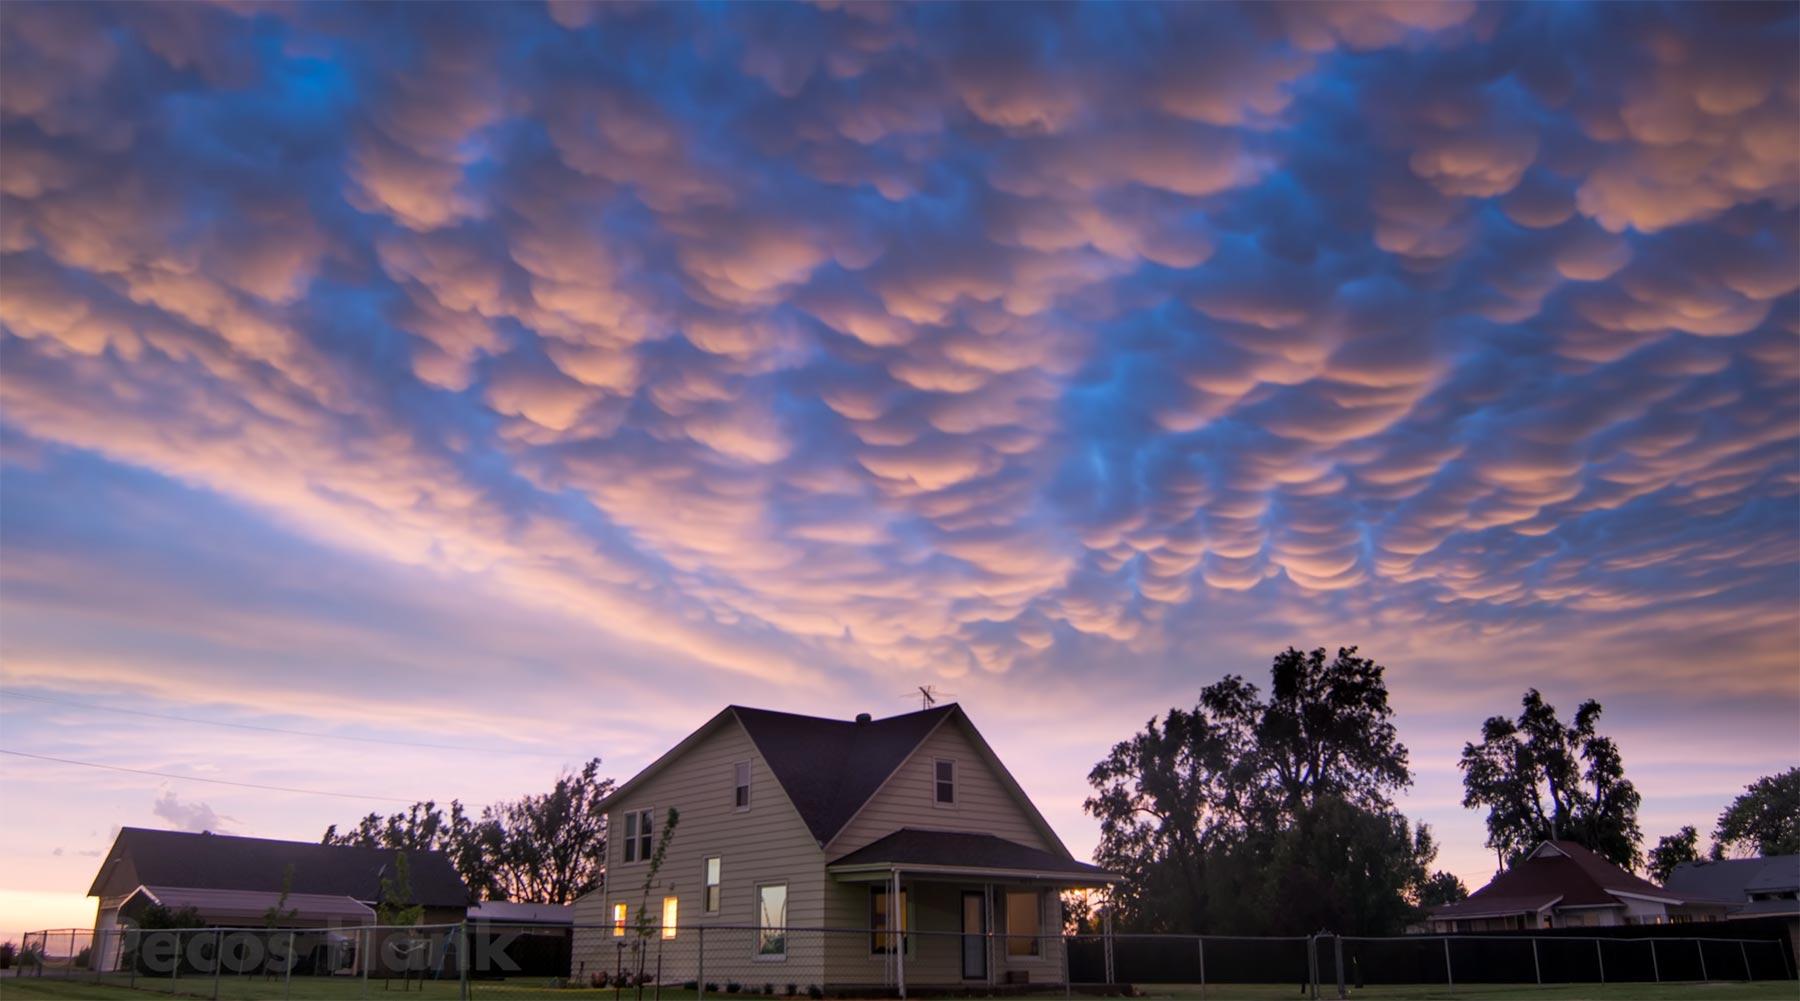 Einige wunderschöne Sturm-Zeitraffer-Aufnahmen a-storm-of-beauty